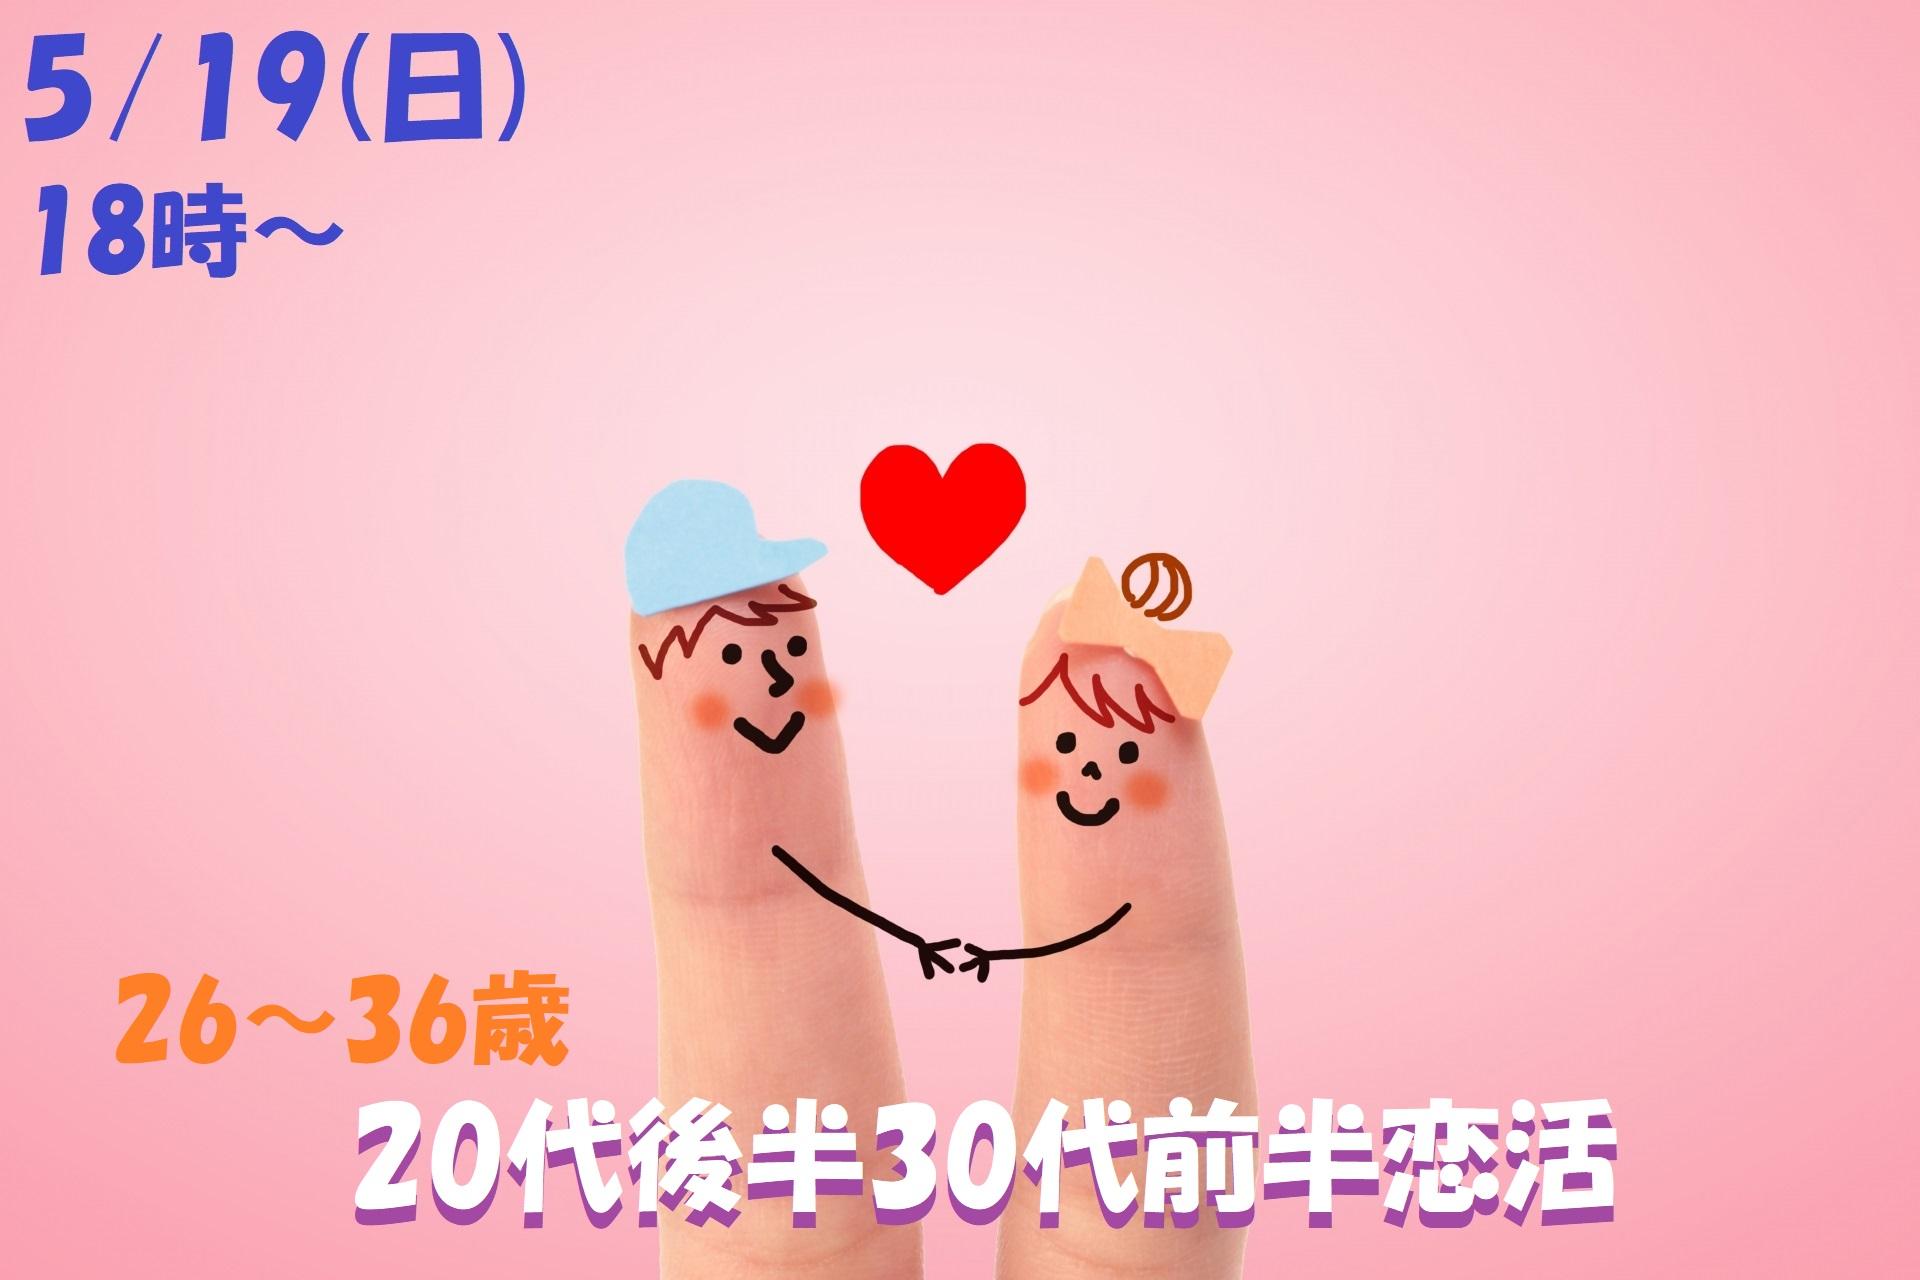 【終了】5月19日(日)18時~【26~36歳】友達から!!20代後半30代前半恋活!